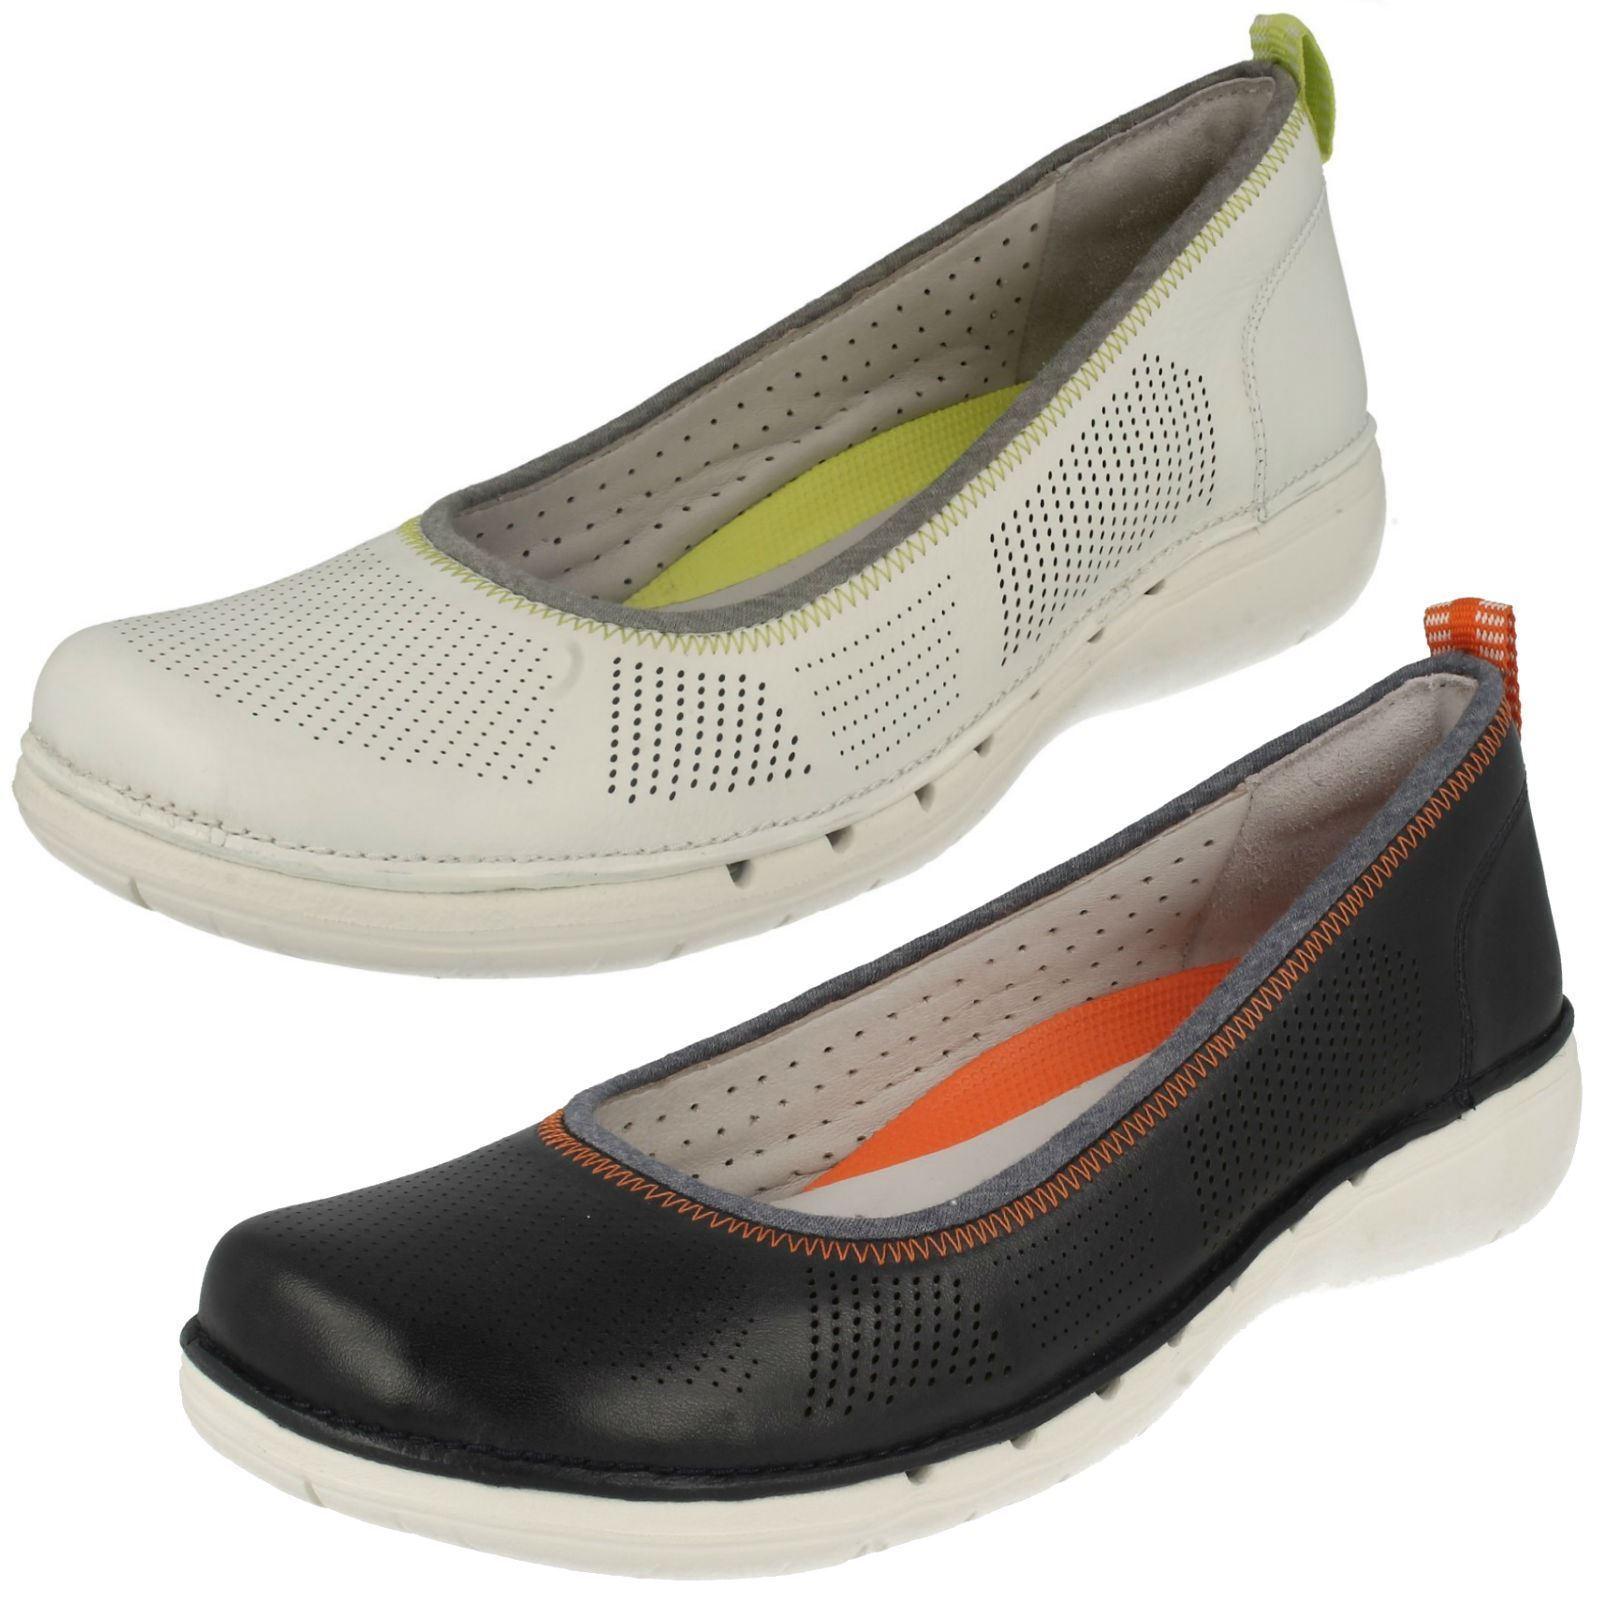 Clarks Unstructurojo Damas Informal Zapatos de las Naciones Unidas Elita Elita Elita  Tu satisfacción es nuestro objetivo